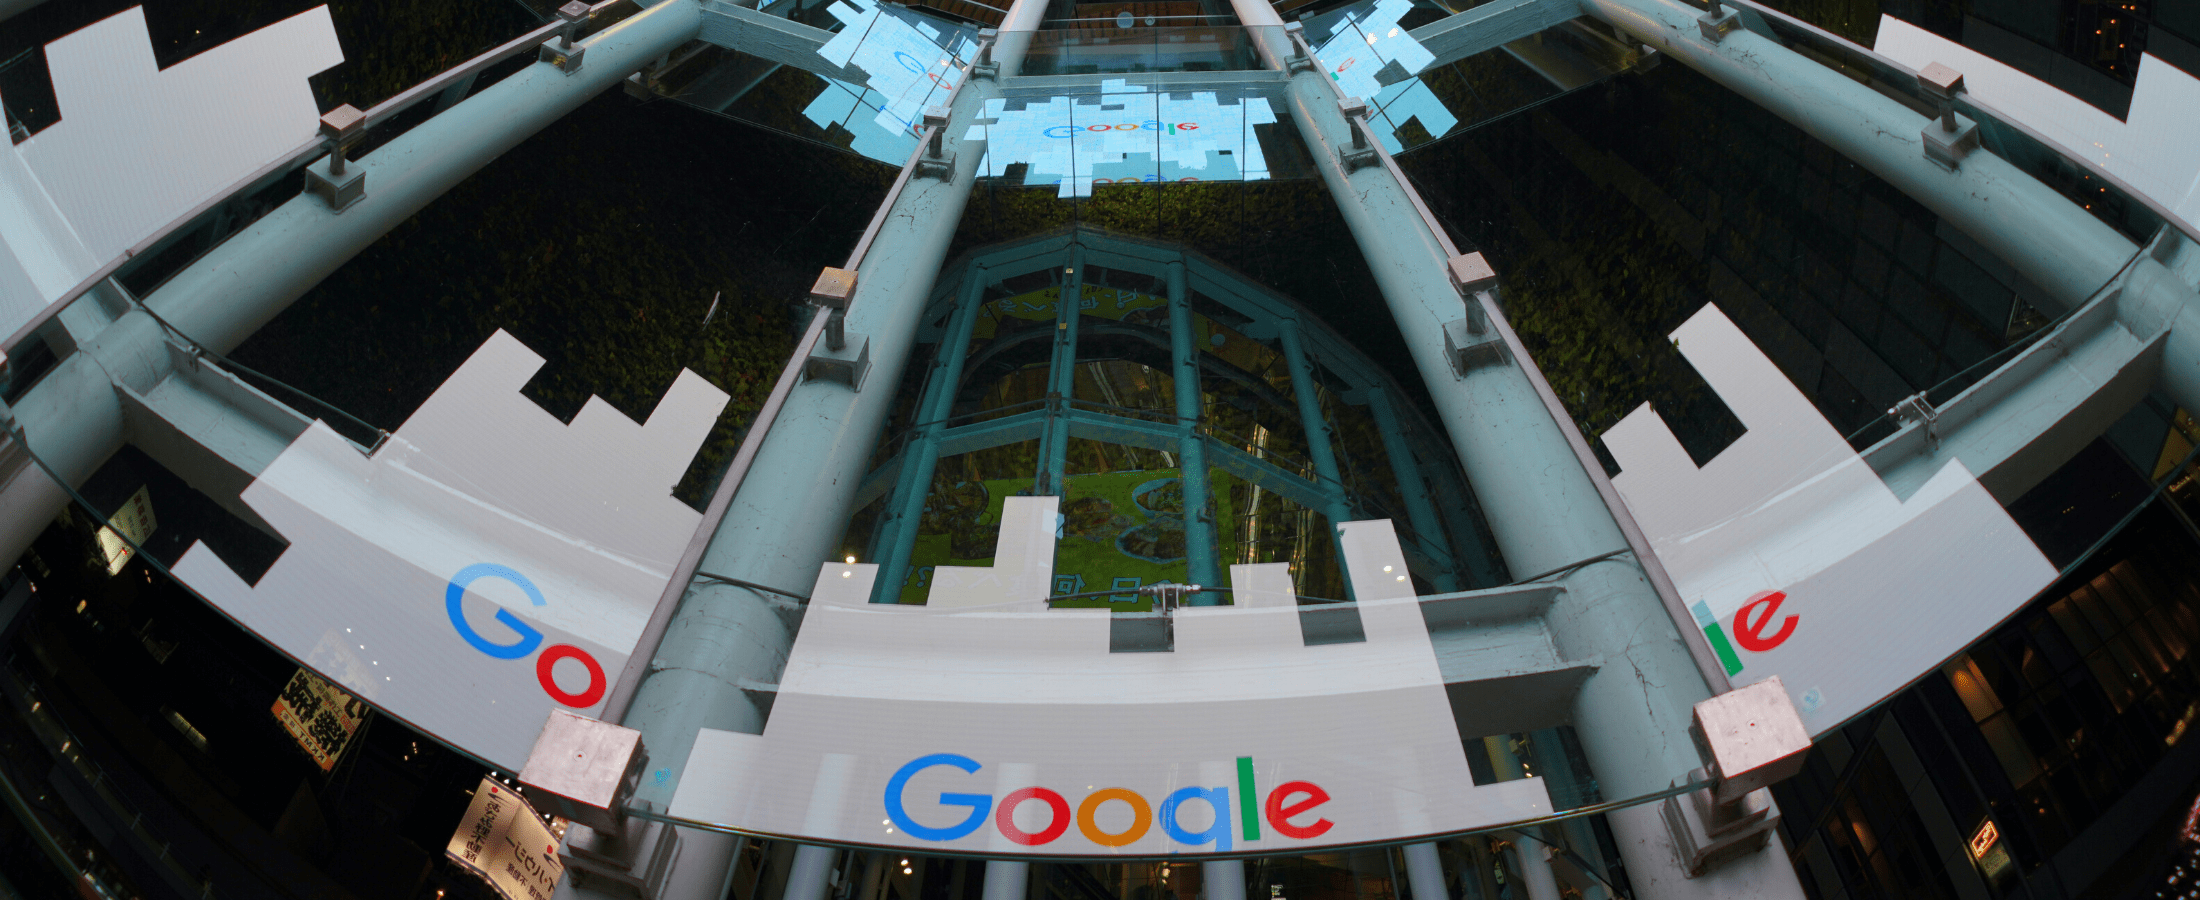 Google Ads : Quels outils utiliser et comment les configurer ?